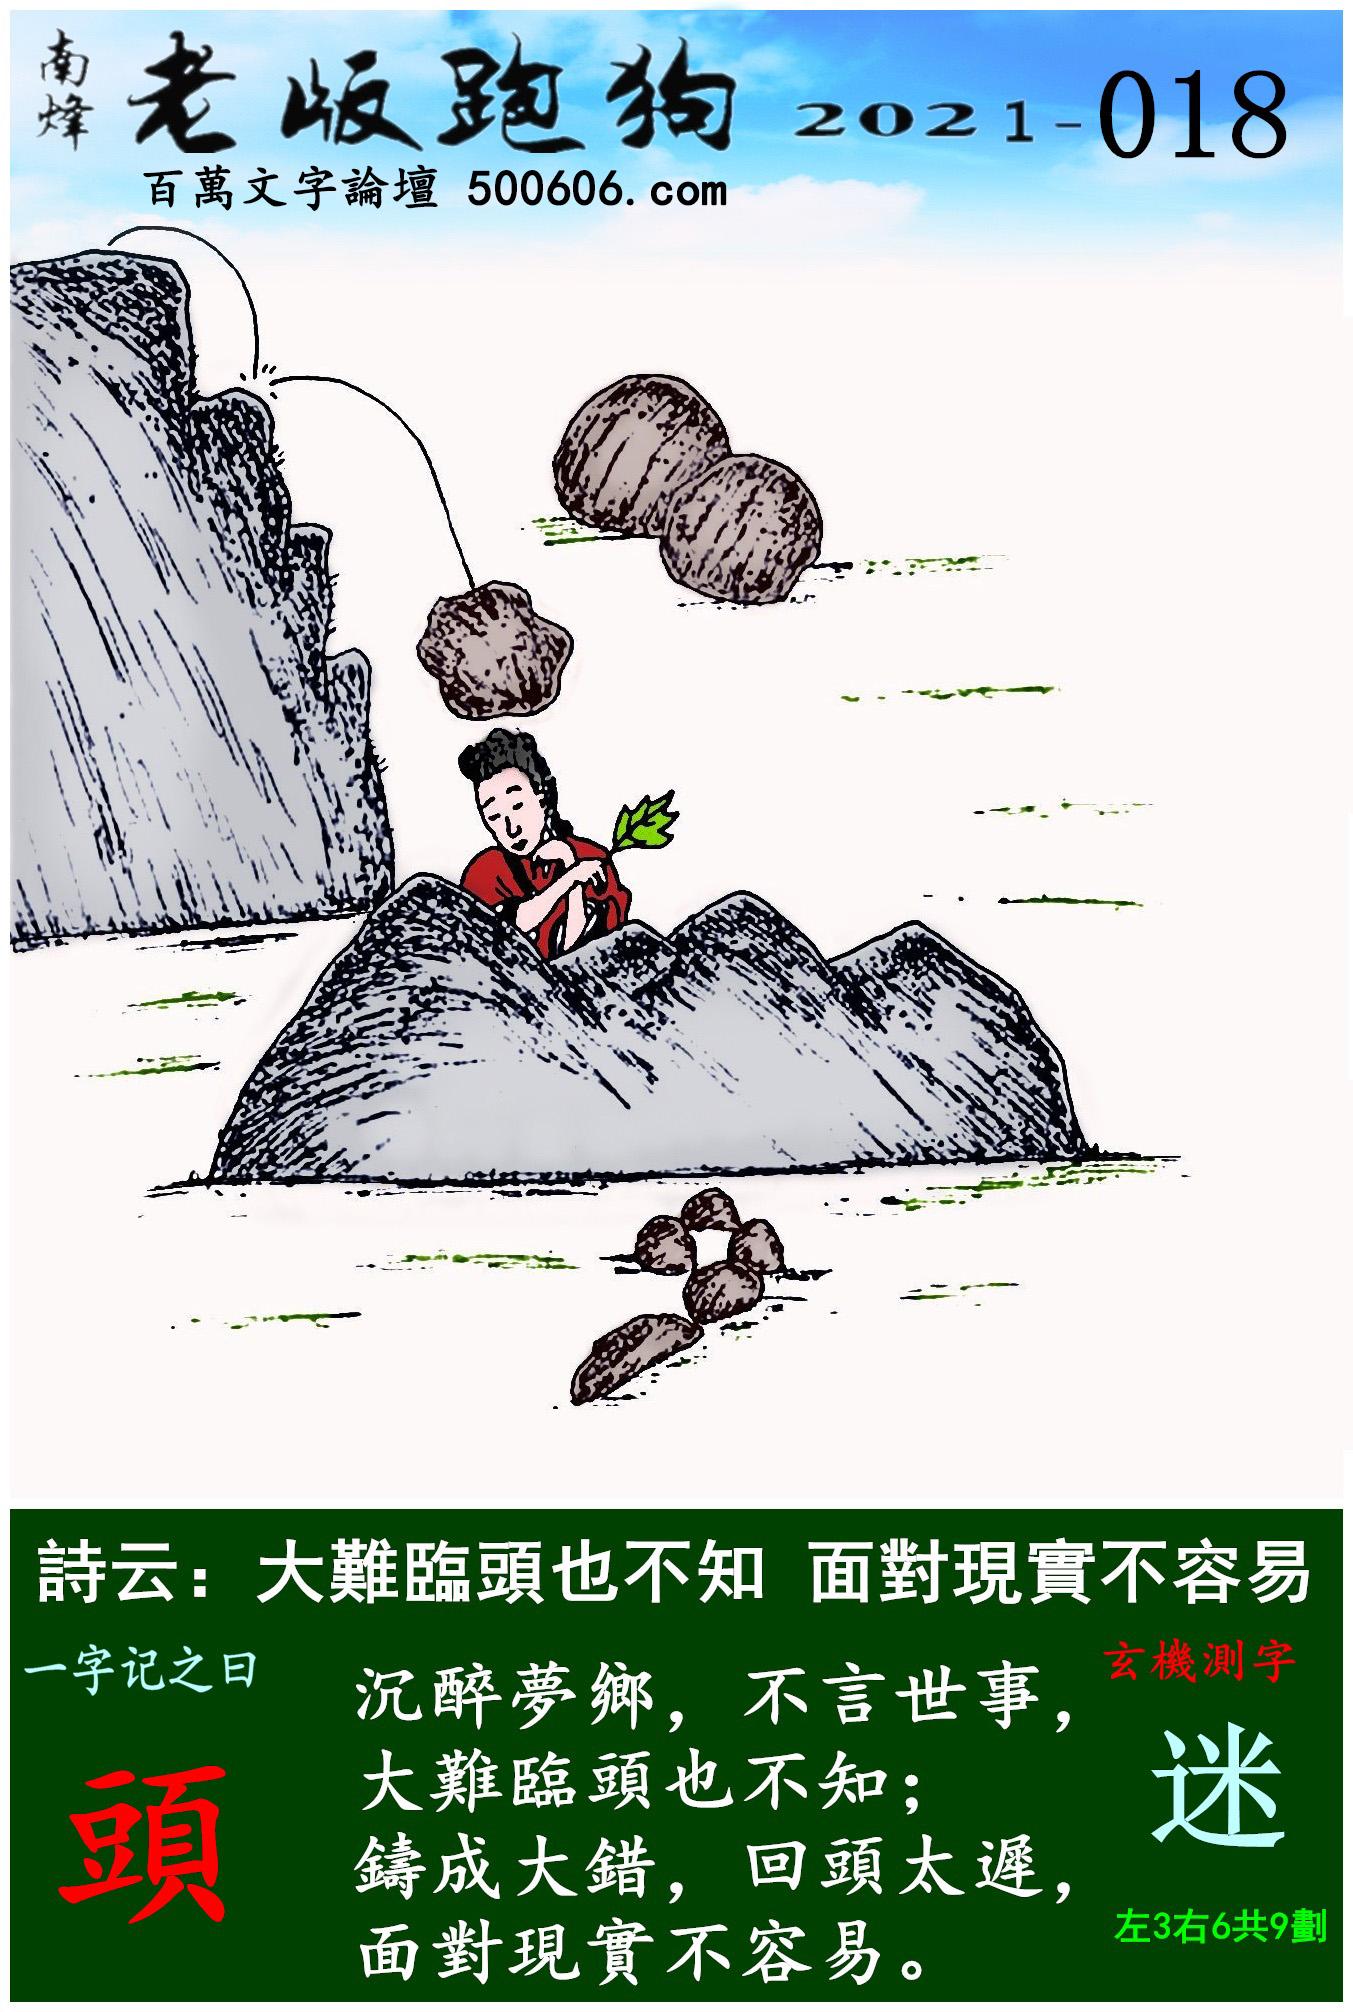 018期老版跑狗一字�之曰:【�^】 ��:大�y�R�^也不知,面�ΜF��不容易。